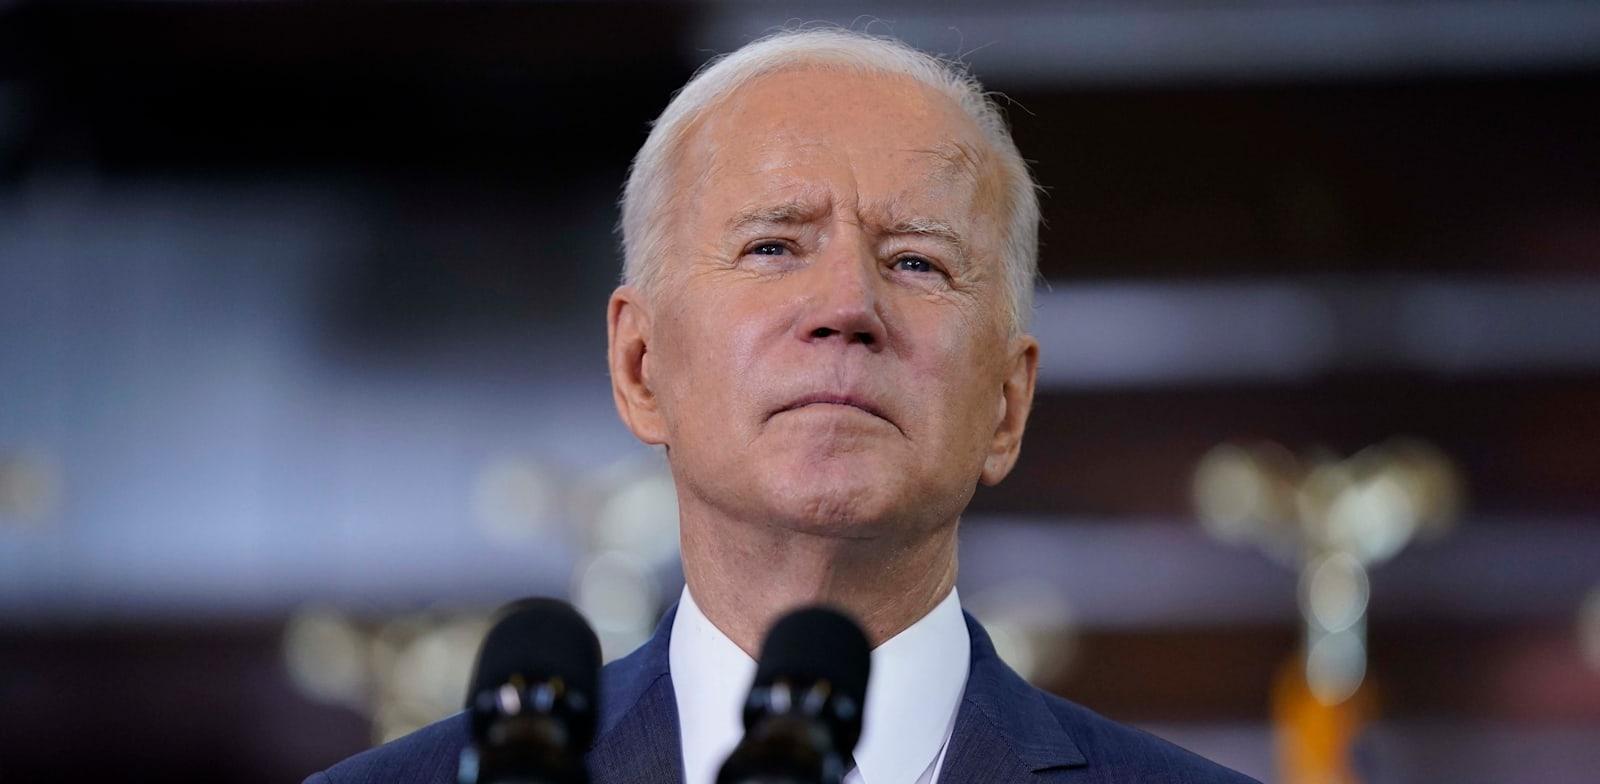 """נשיא ארה""""ב ביידן. הקצה מיליארדים / צילום: Associated Press, Evan Vucci"""